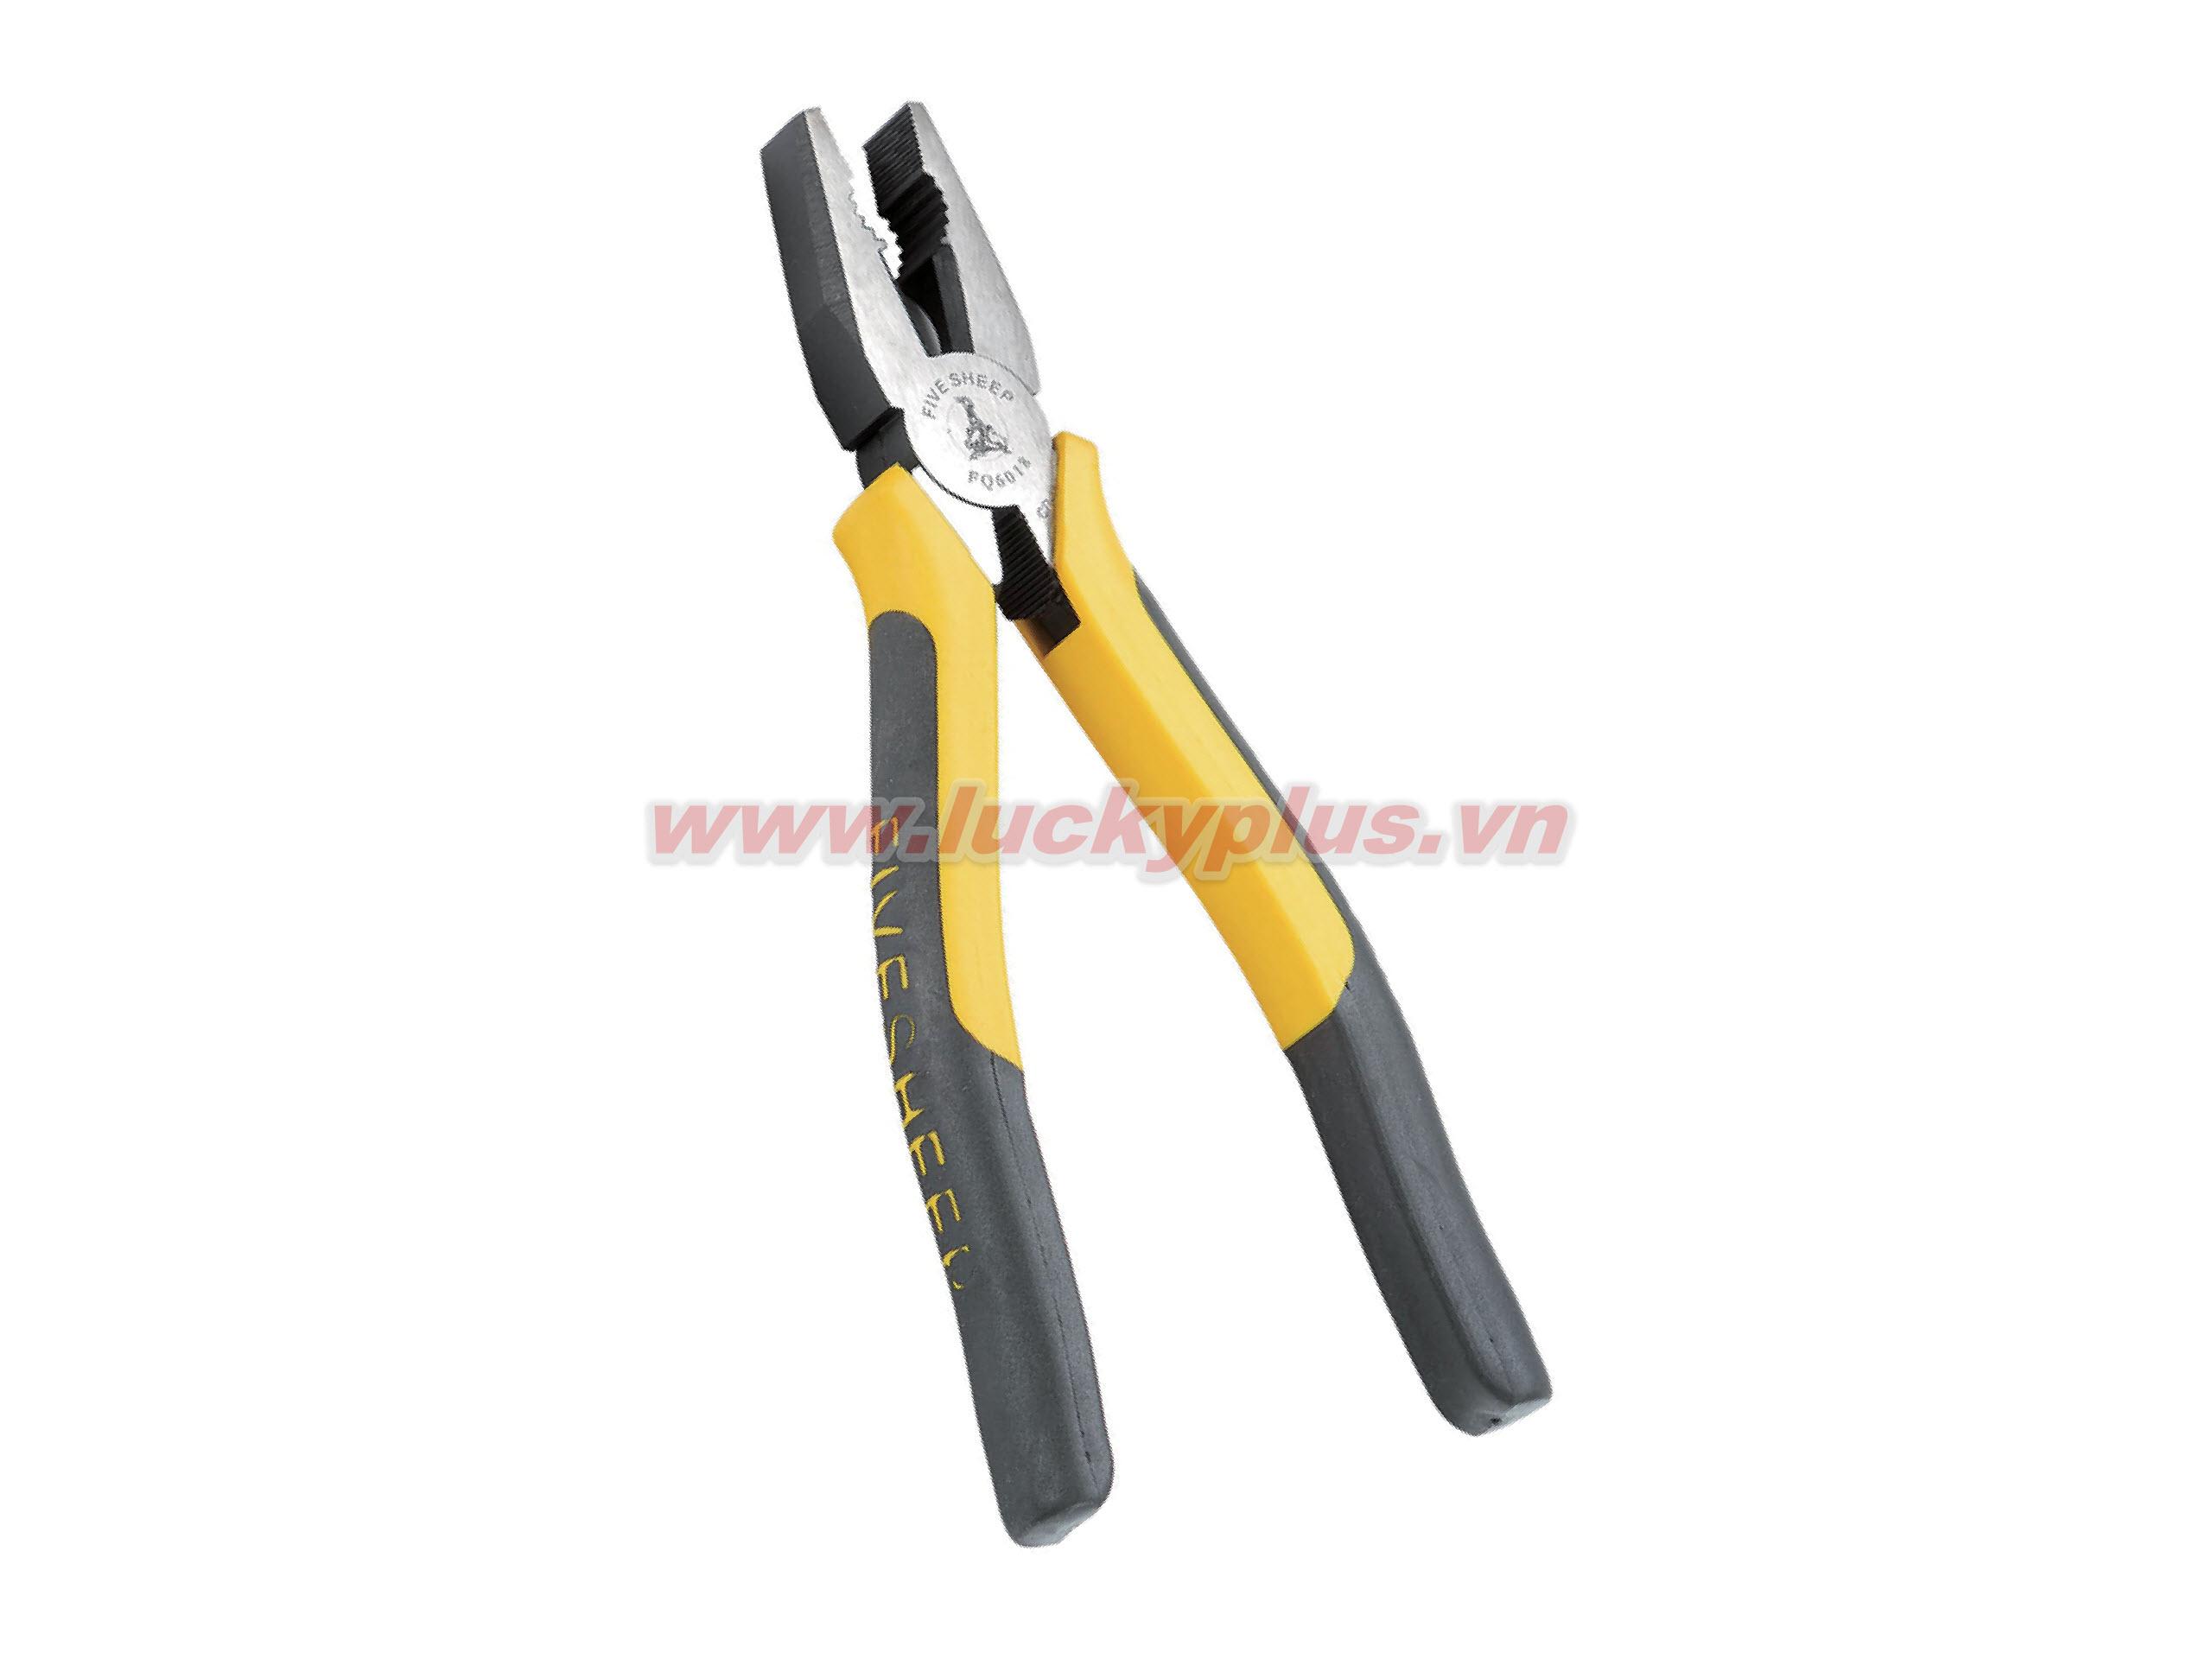 Kìm tổng hợp FiveSheep FQ-6016 6''/150mm, FQ-6018 8''/200mm